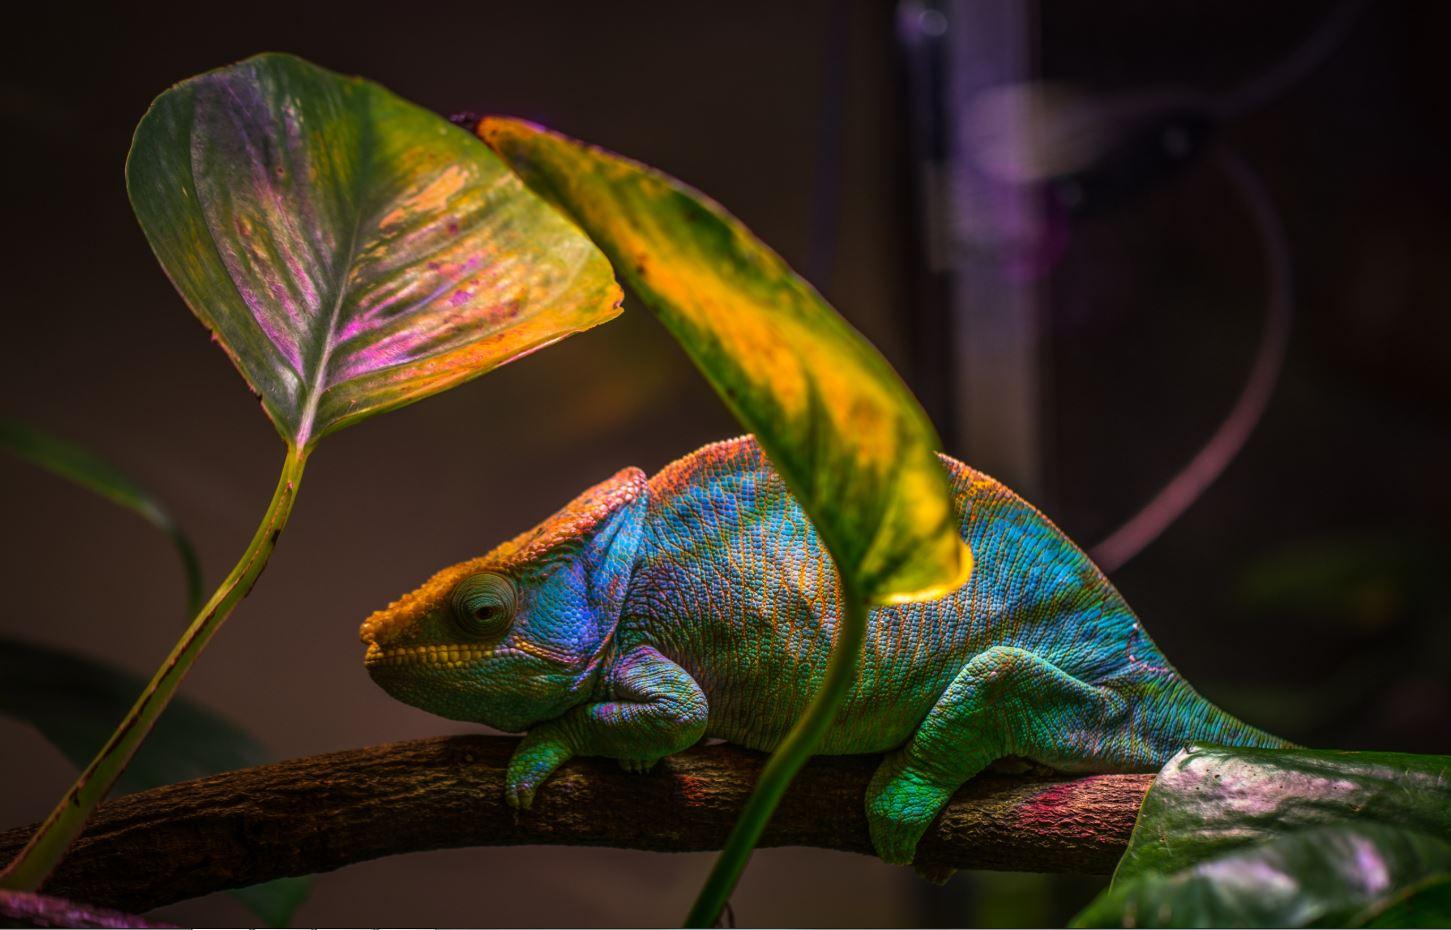 El-camaleon-inspira-un-nuevo-nanolaser-que-cambia-de-color